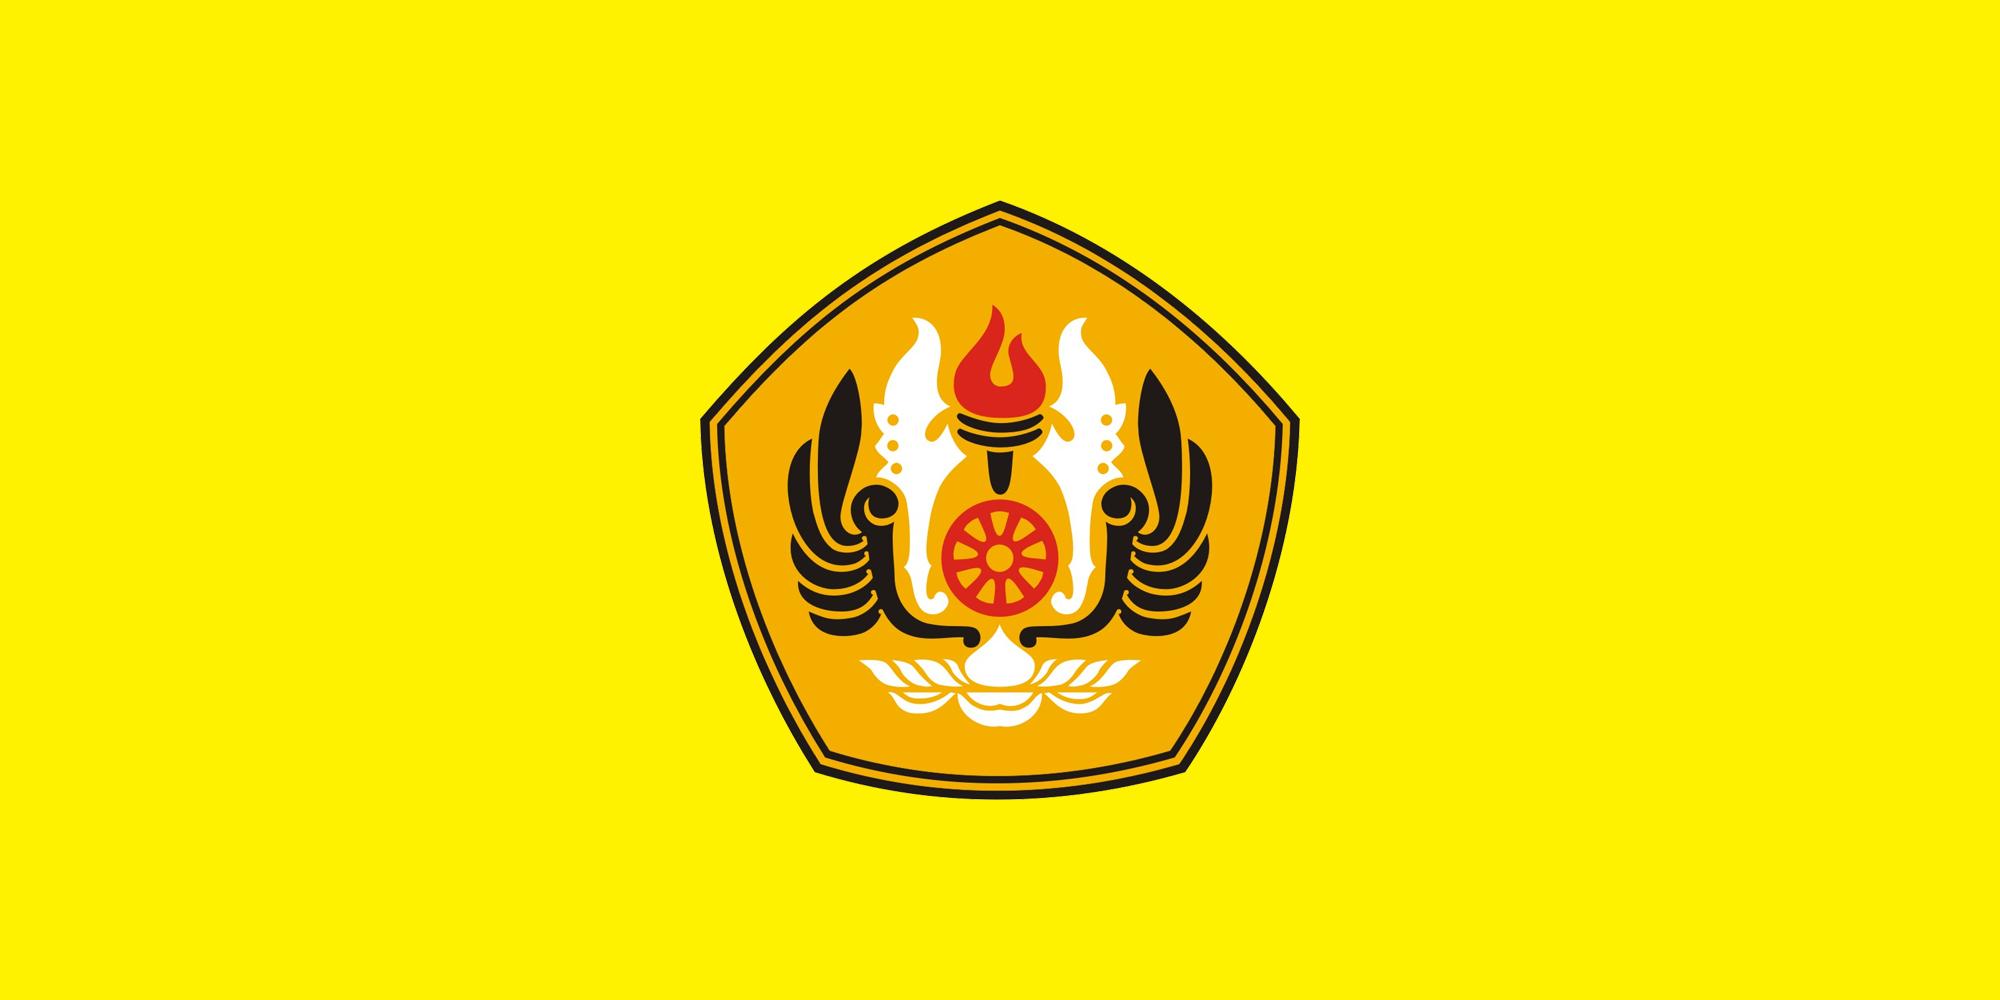 Fakultas Ekonomi Dan Bisnis Universitas Padjadjaran Wikipedia Bahasa Indonesia Ensiklopedia Bebas